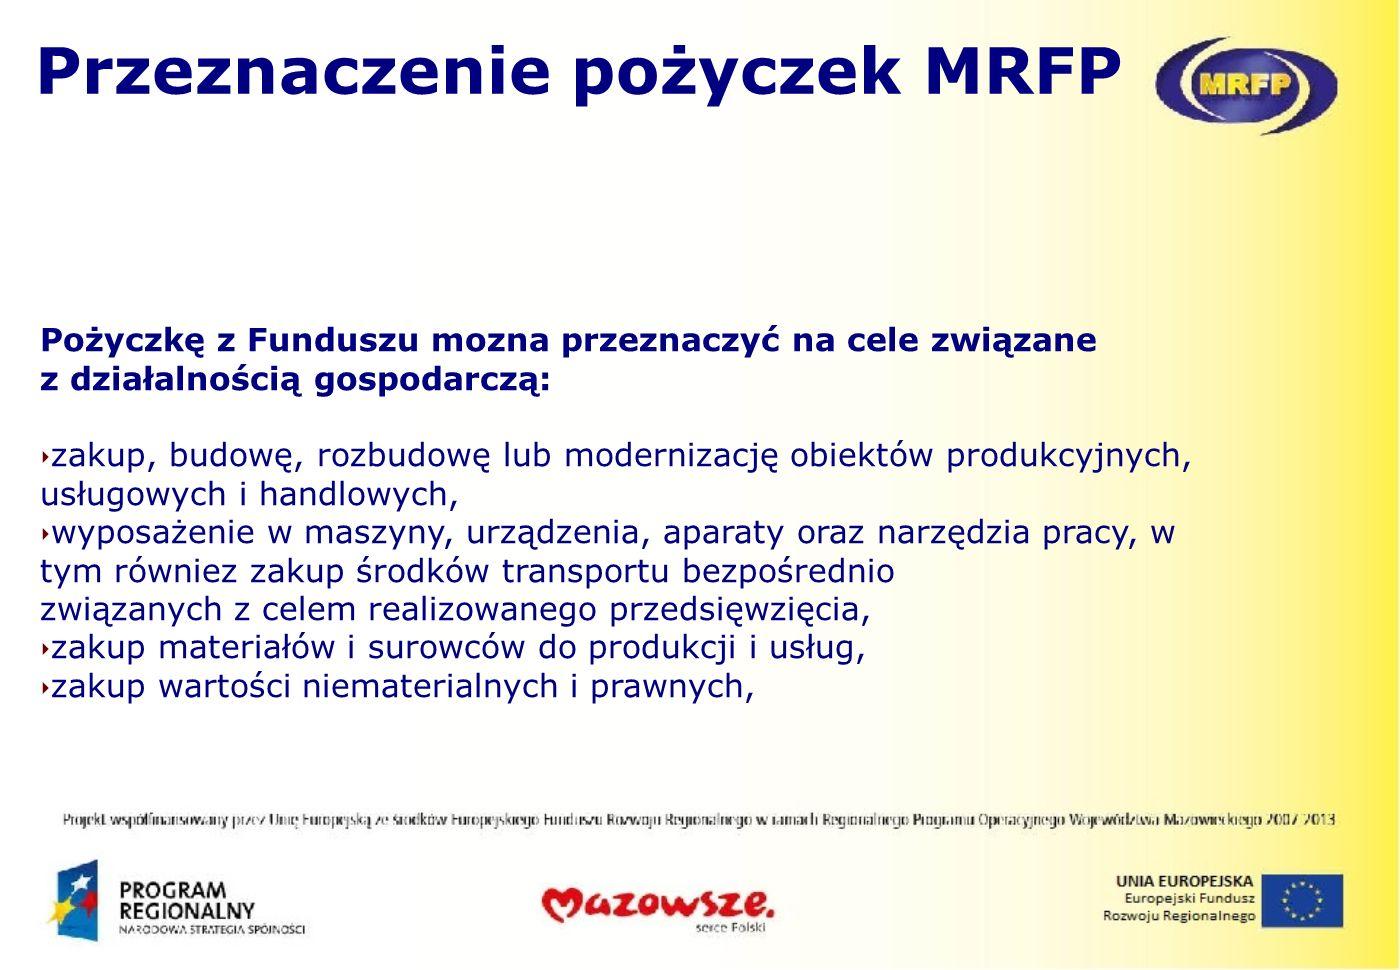 Przeznaczenie pożyczek MRFP